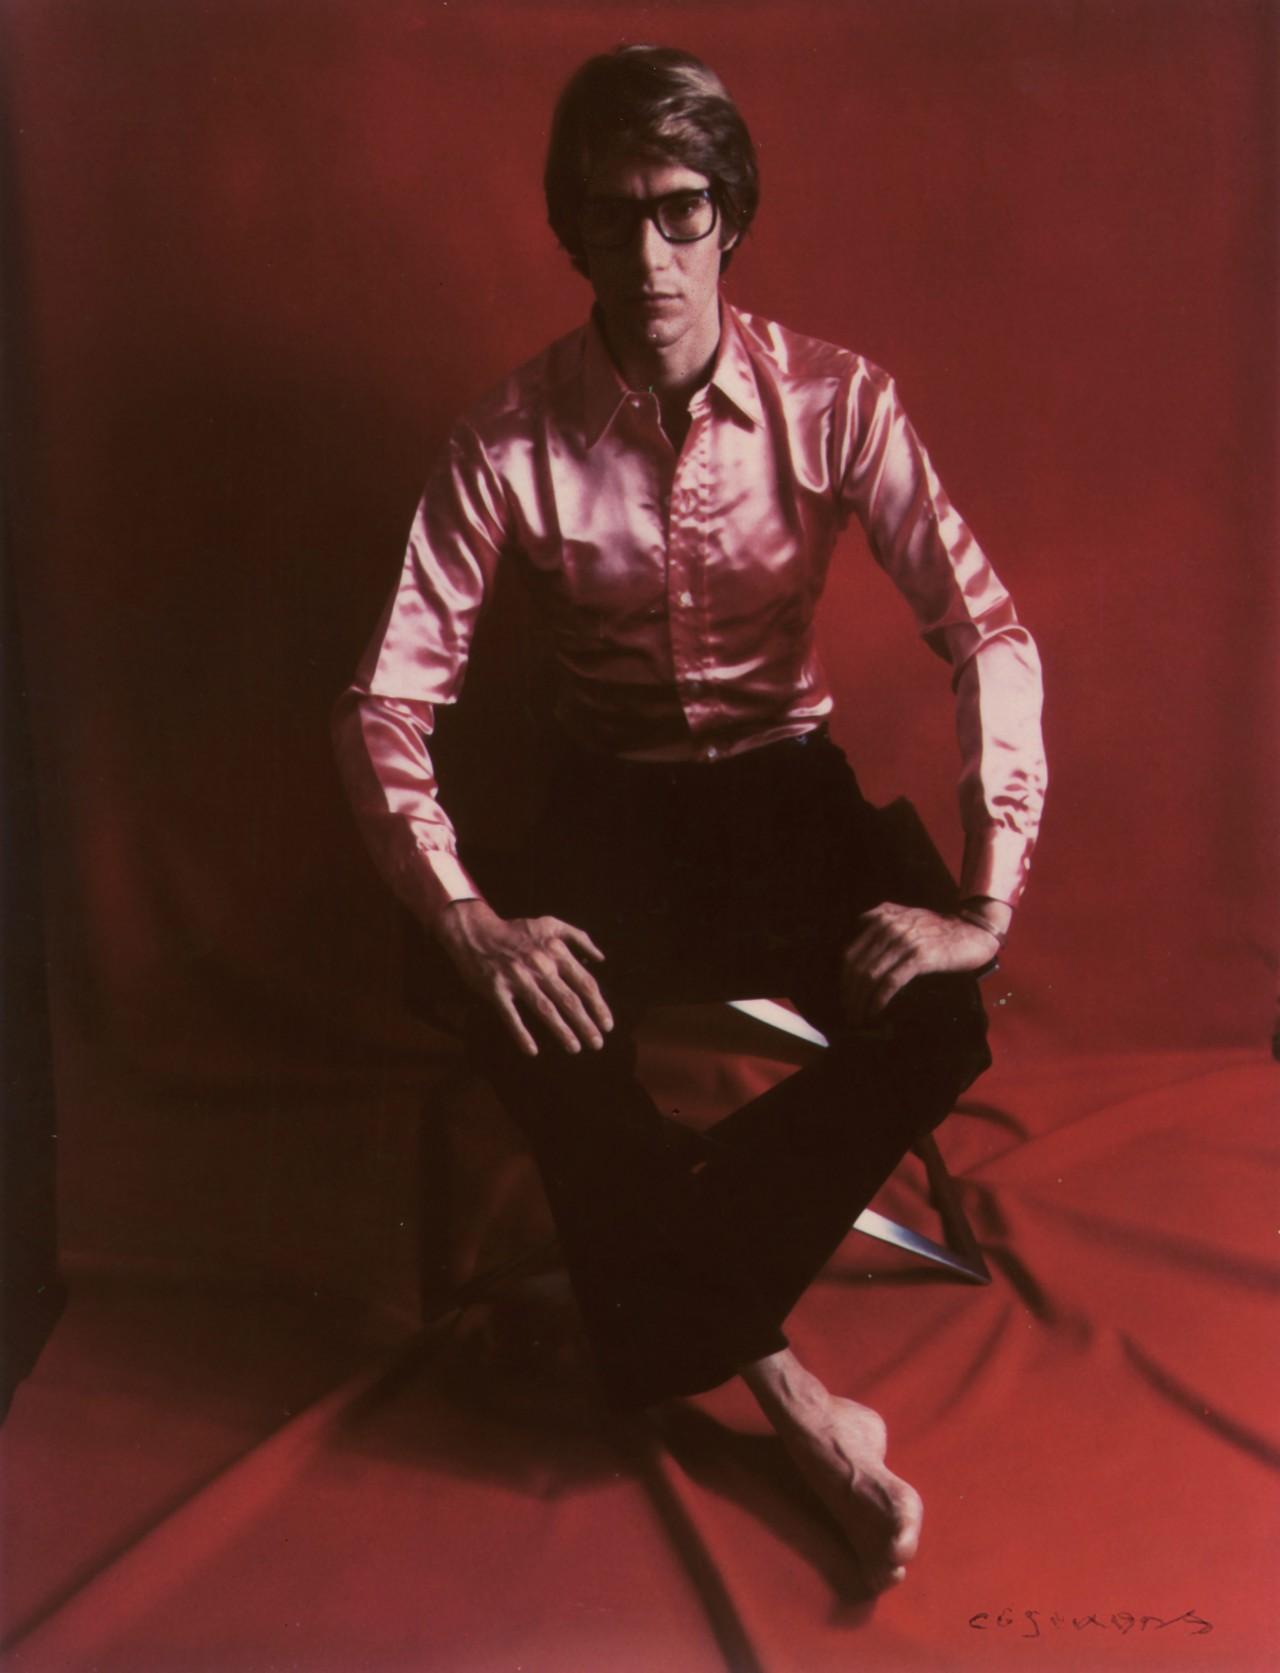 Ив Сен-Лоран, 1968 год. Фотограф Мари Косиндас